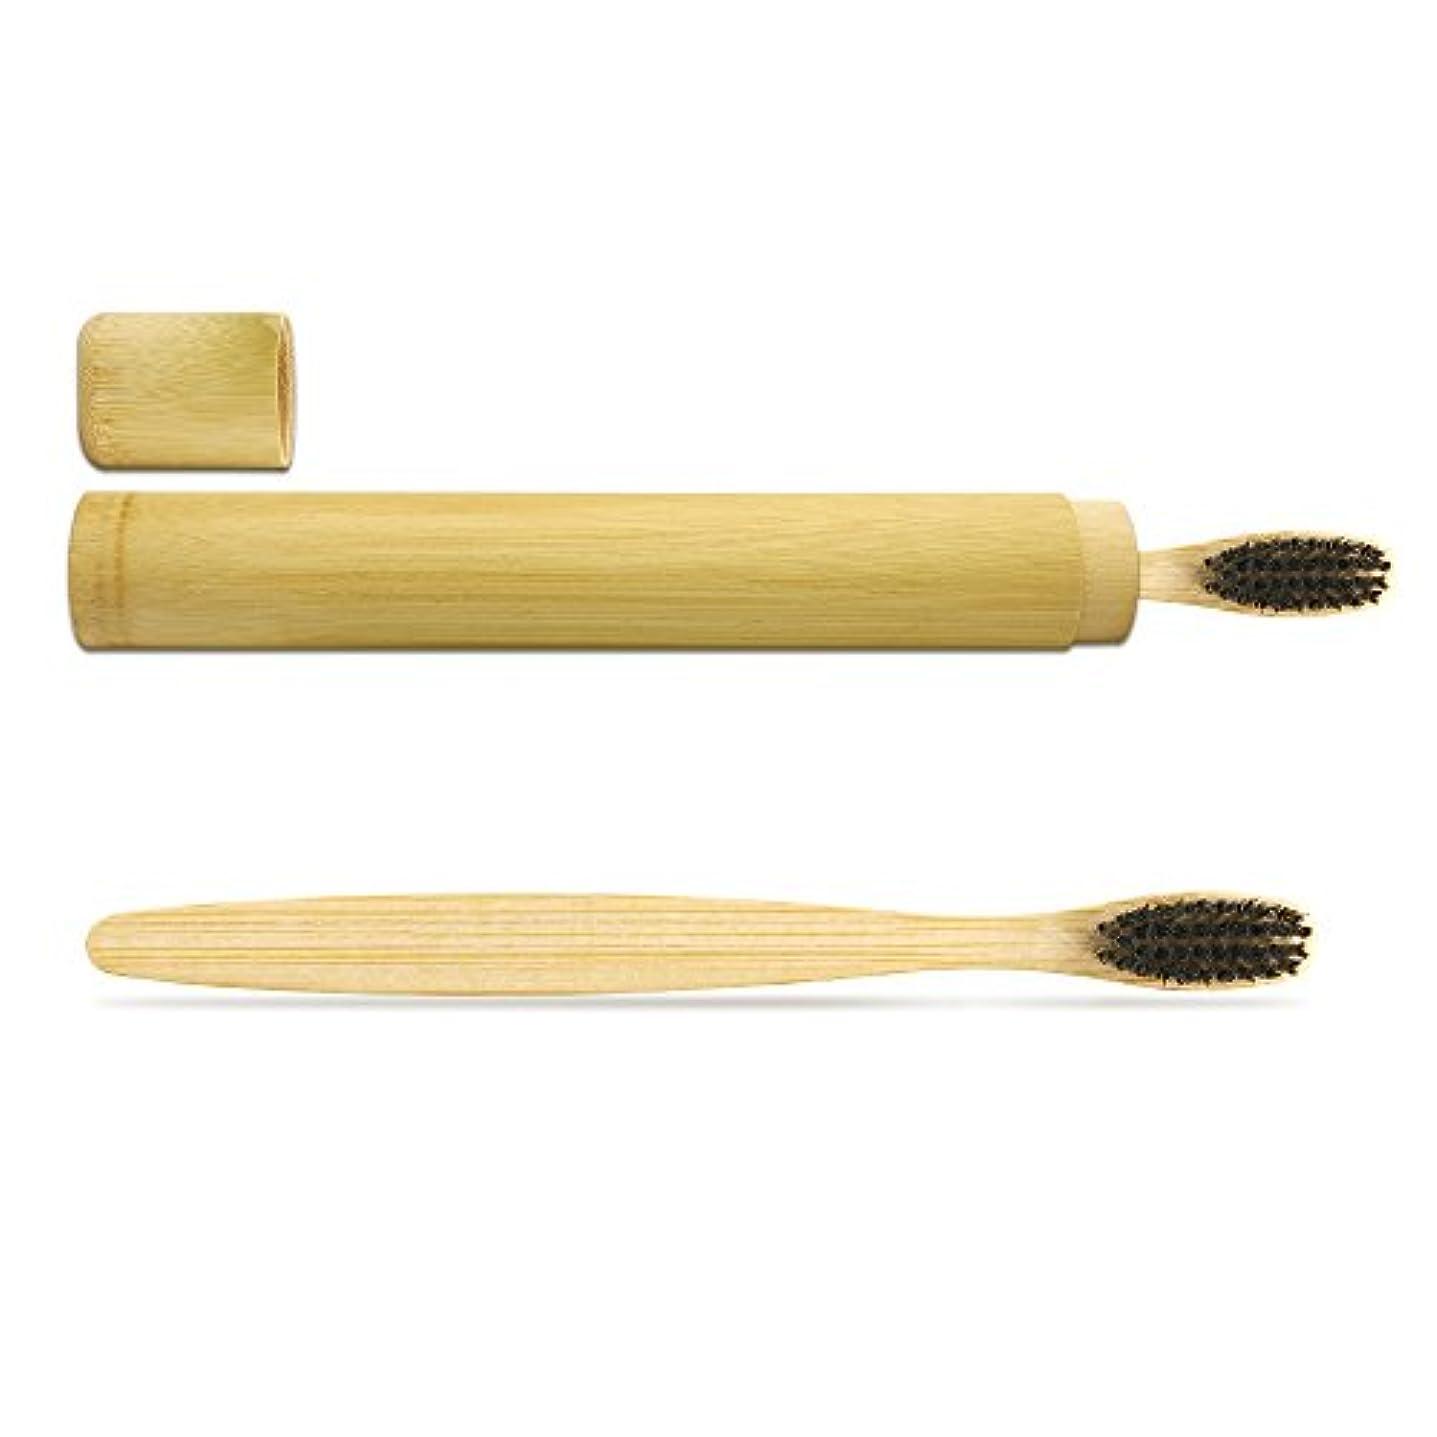 皮スクリュー所持N-amboo 竹製 高耐久度 歯ブラシ ケース付き 軽量 携帯便利 出張旅行